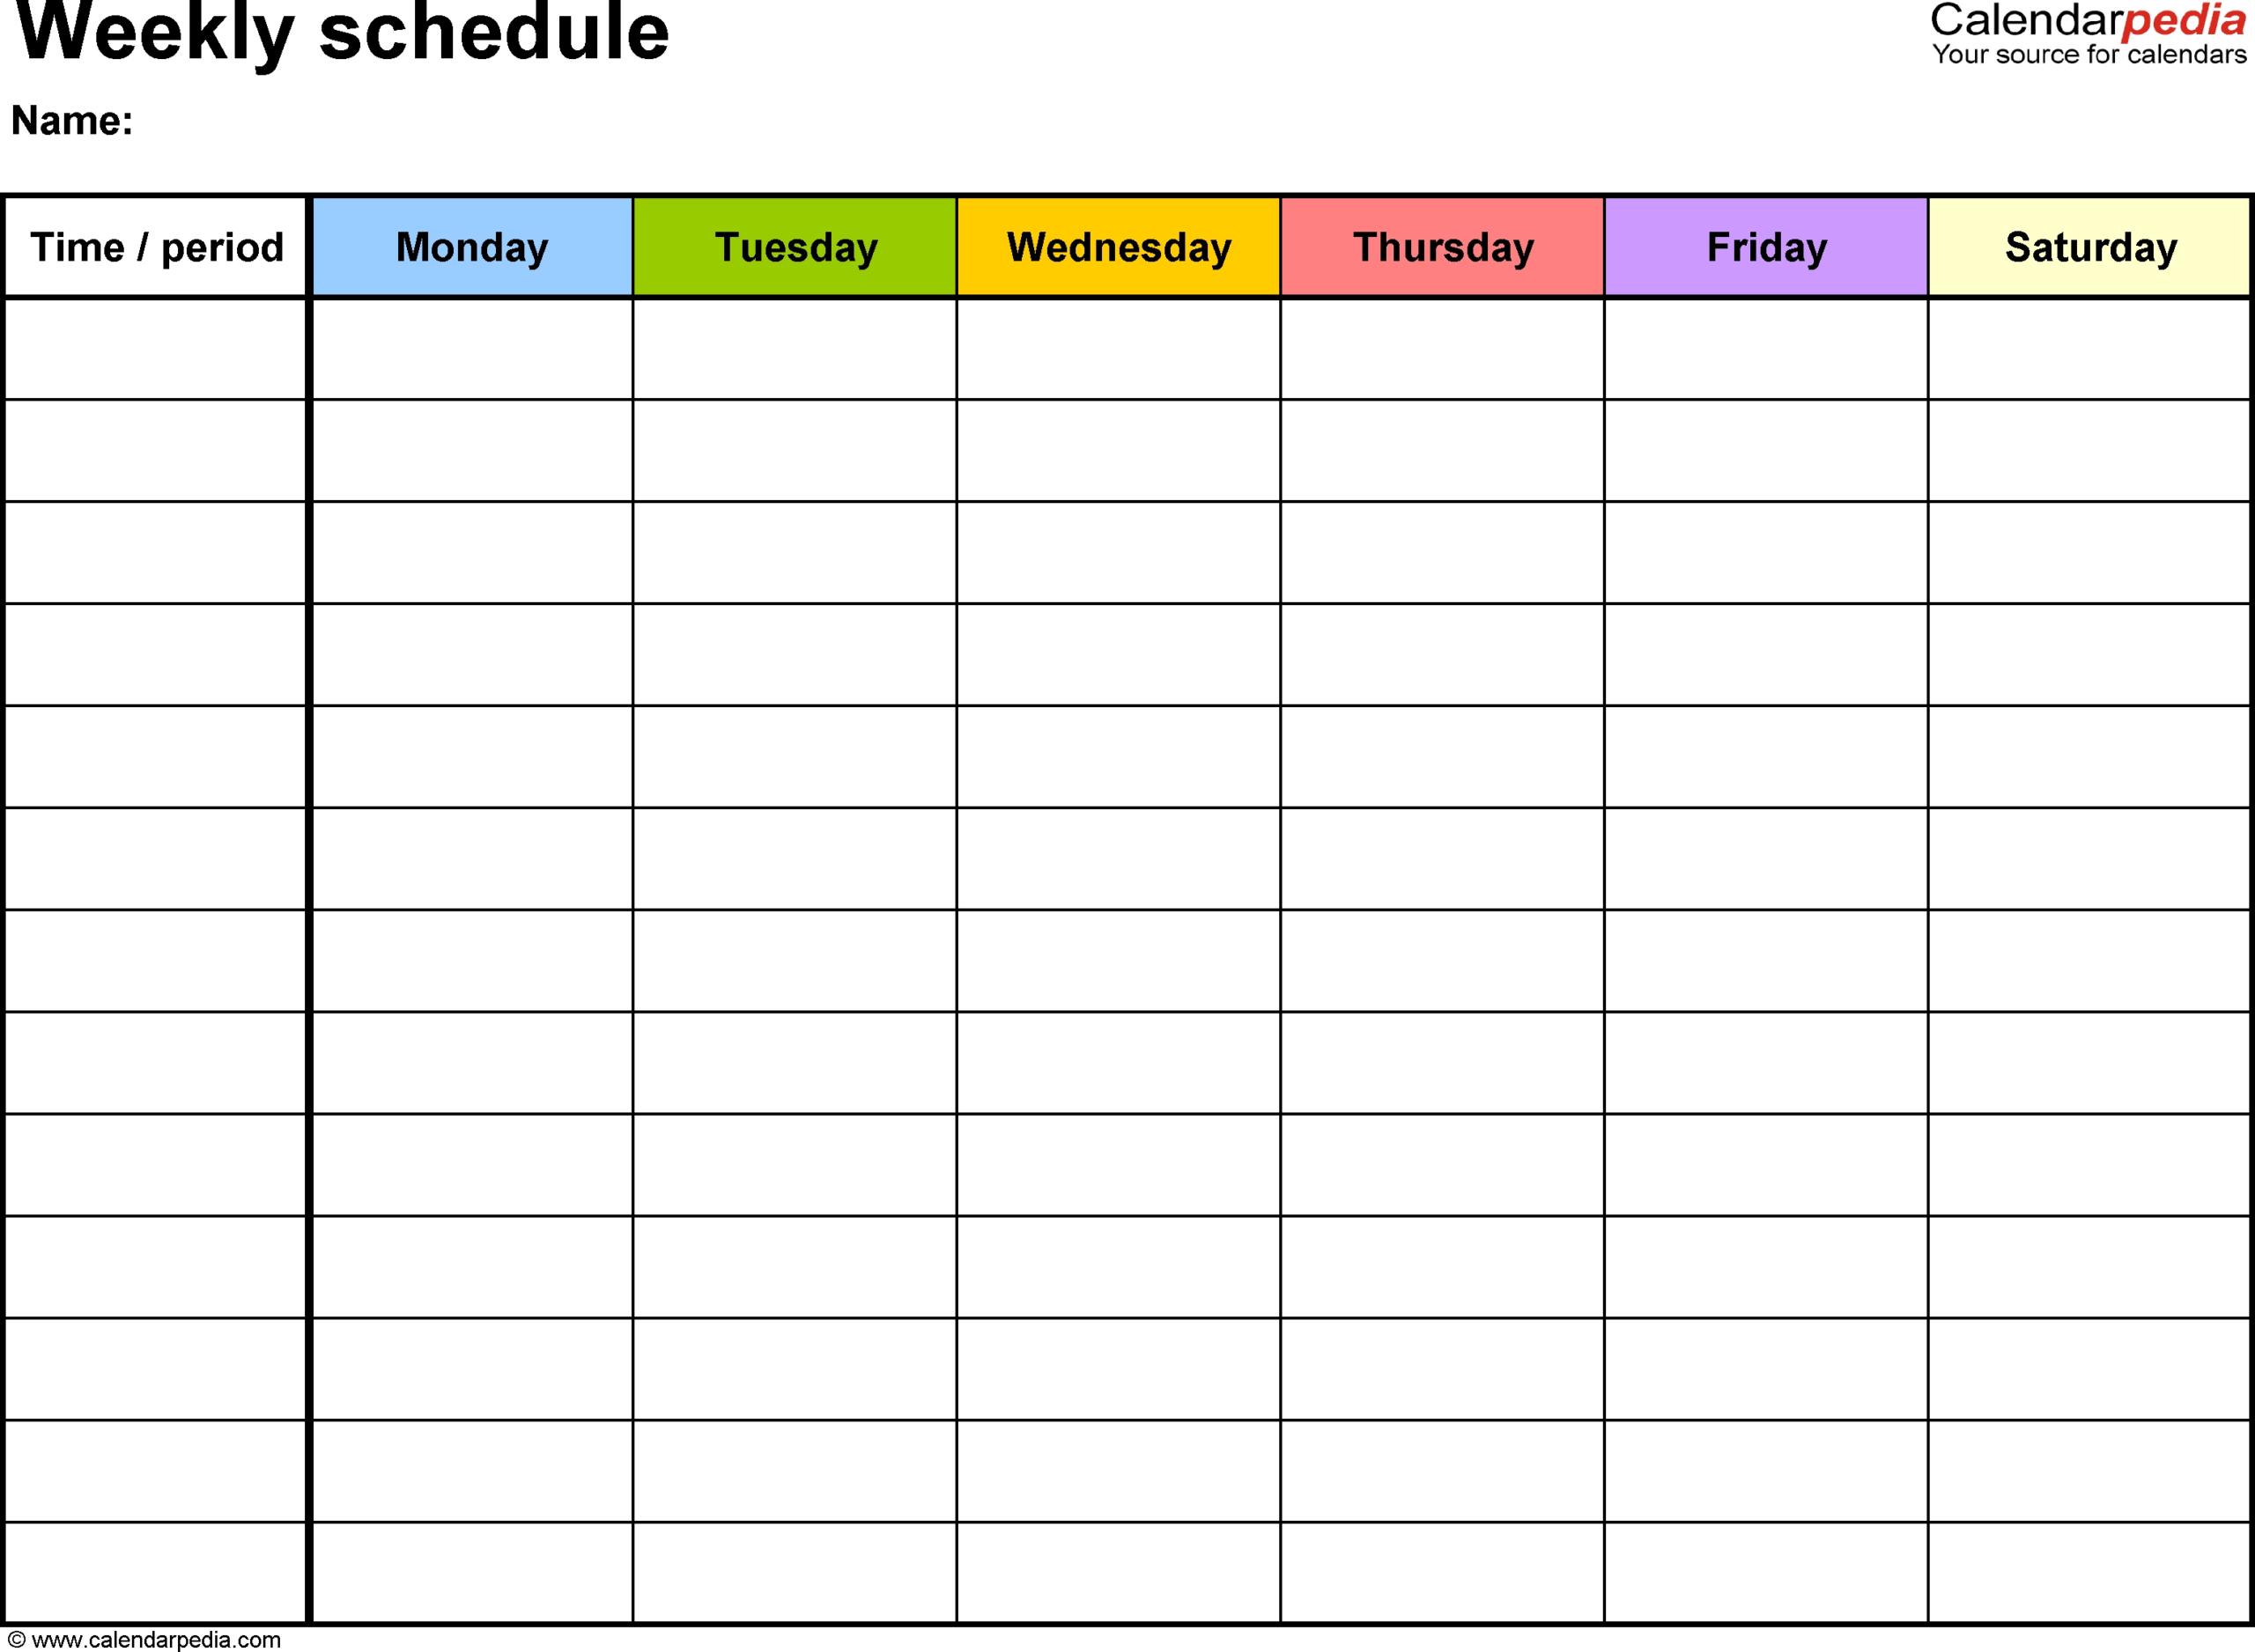 7 Day Week Calendar Template - Calendar Inspiration Design  7-Day Weekly Planner Template